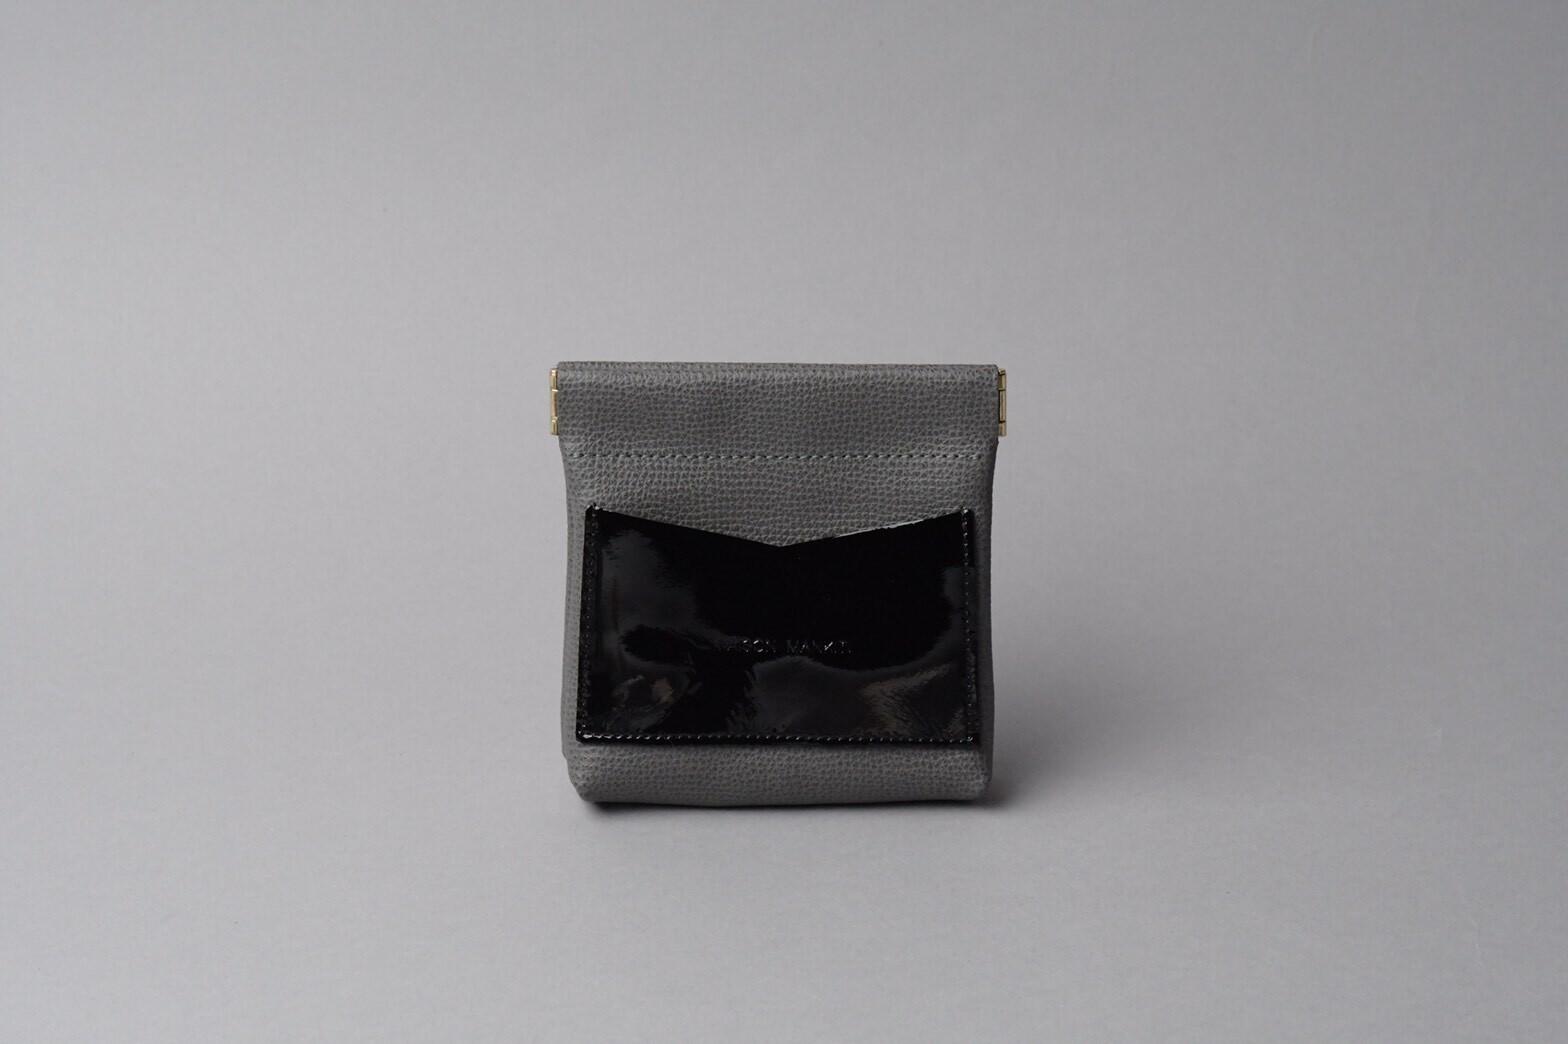 ワンタッチ・コインケース ■ダークグレー・エナメルブラック■ - 画像1